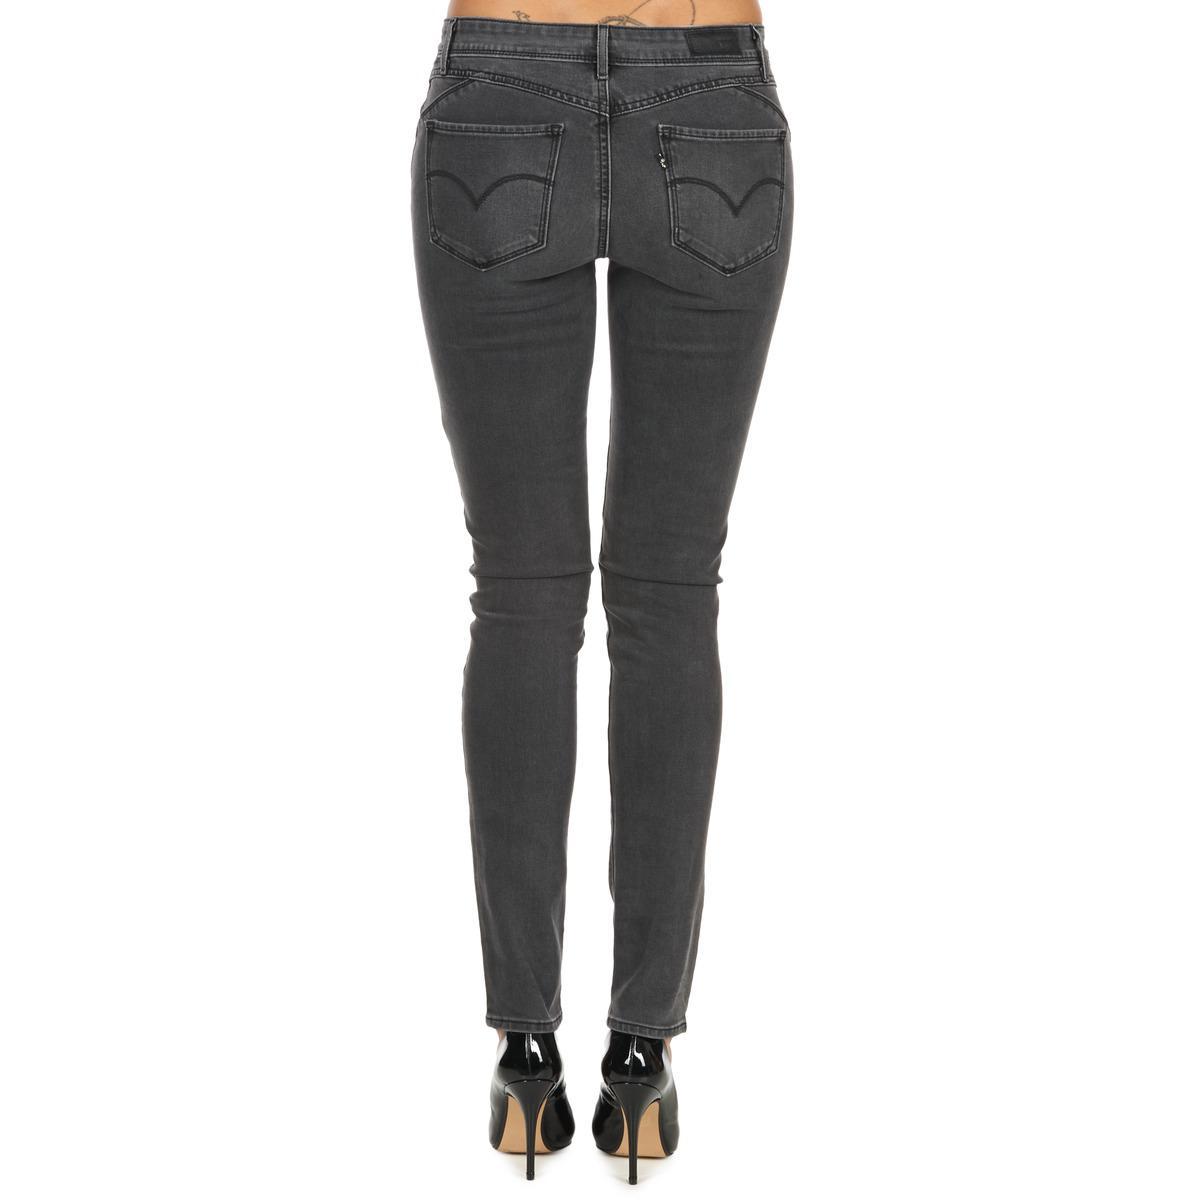 Levi's Denim Levis Revel Dc Skinny Women's Skinny Jeans In Grey in Grey